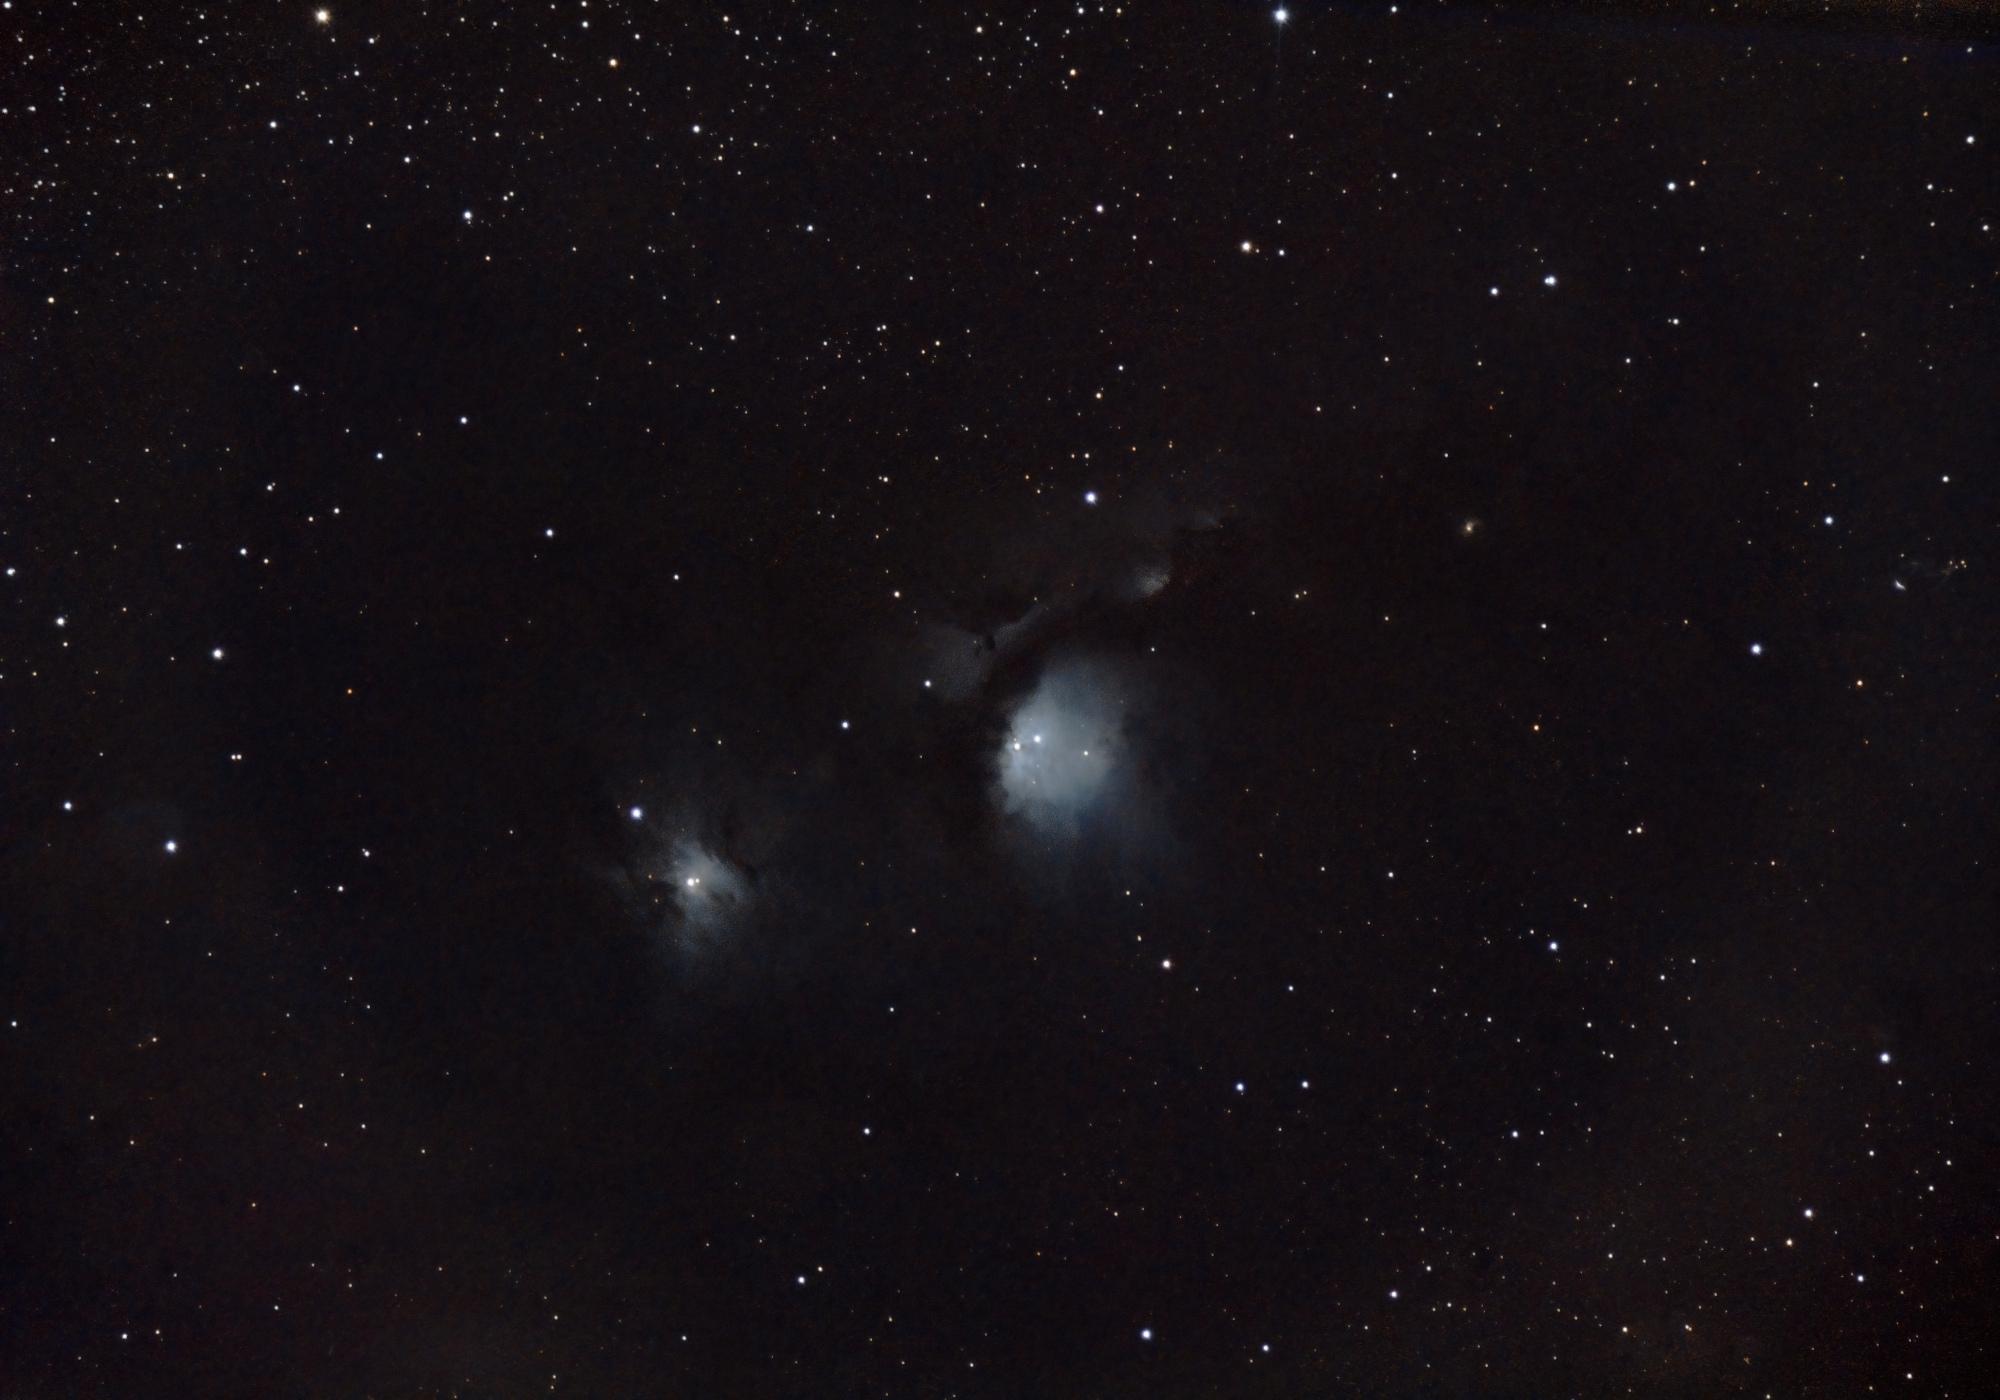 NGC2068(M78)--.thumb.jpg.0d867286d001e68bd11777f475fa426e.jpg